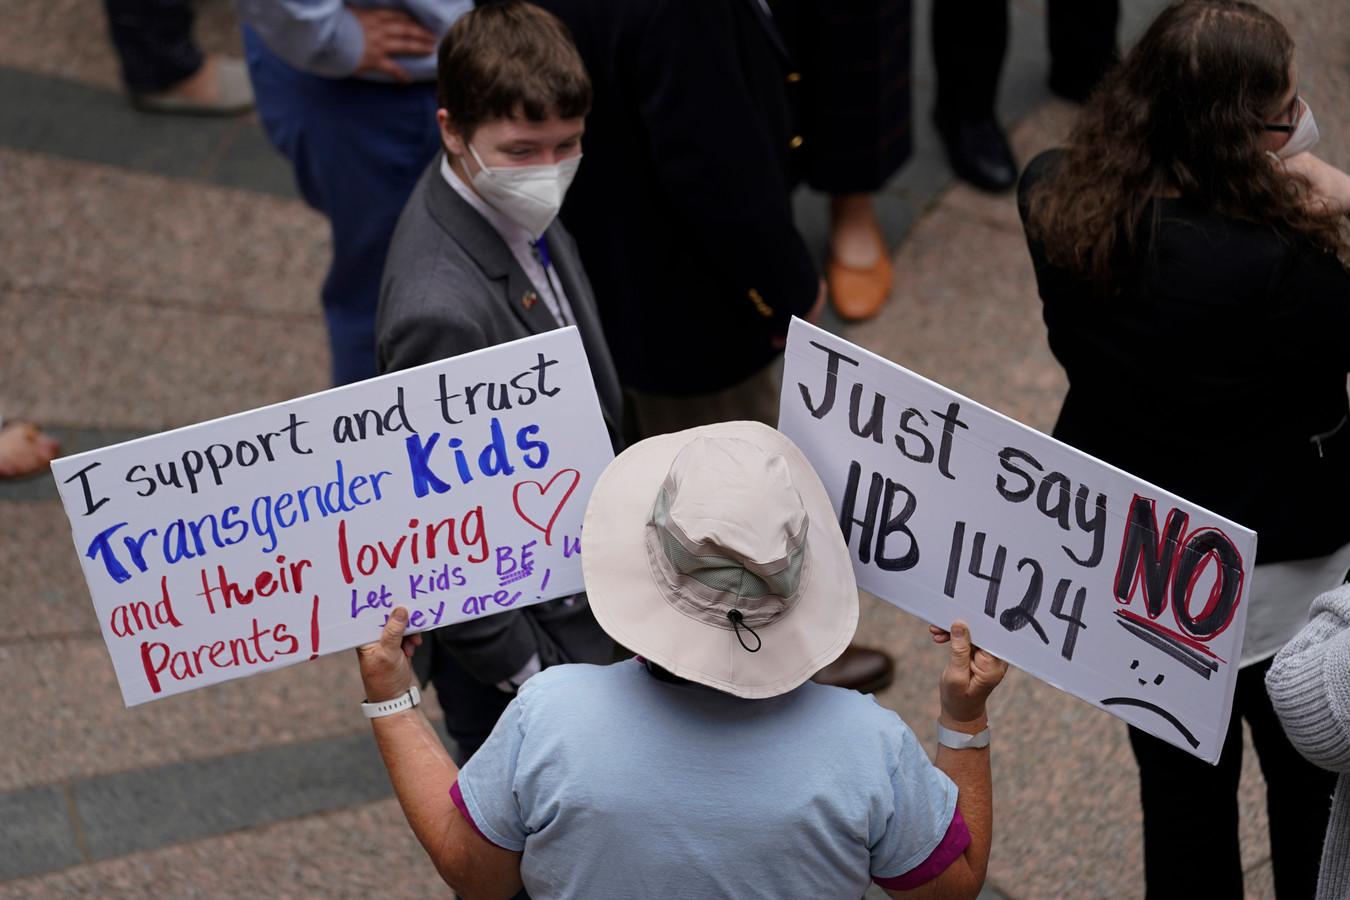 Ouders en voorstanders van gelijke rechten voor transgenders betogen in Austin (Texas) tegen wetgeving die de rechten van transgenders inperkt. In diverse conservatieve staten in de VS worden dergelijke wetten ingevoerd of voorbereid.